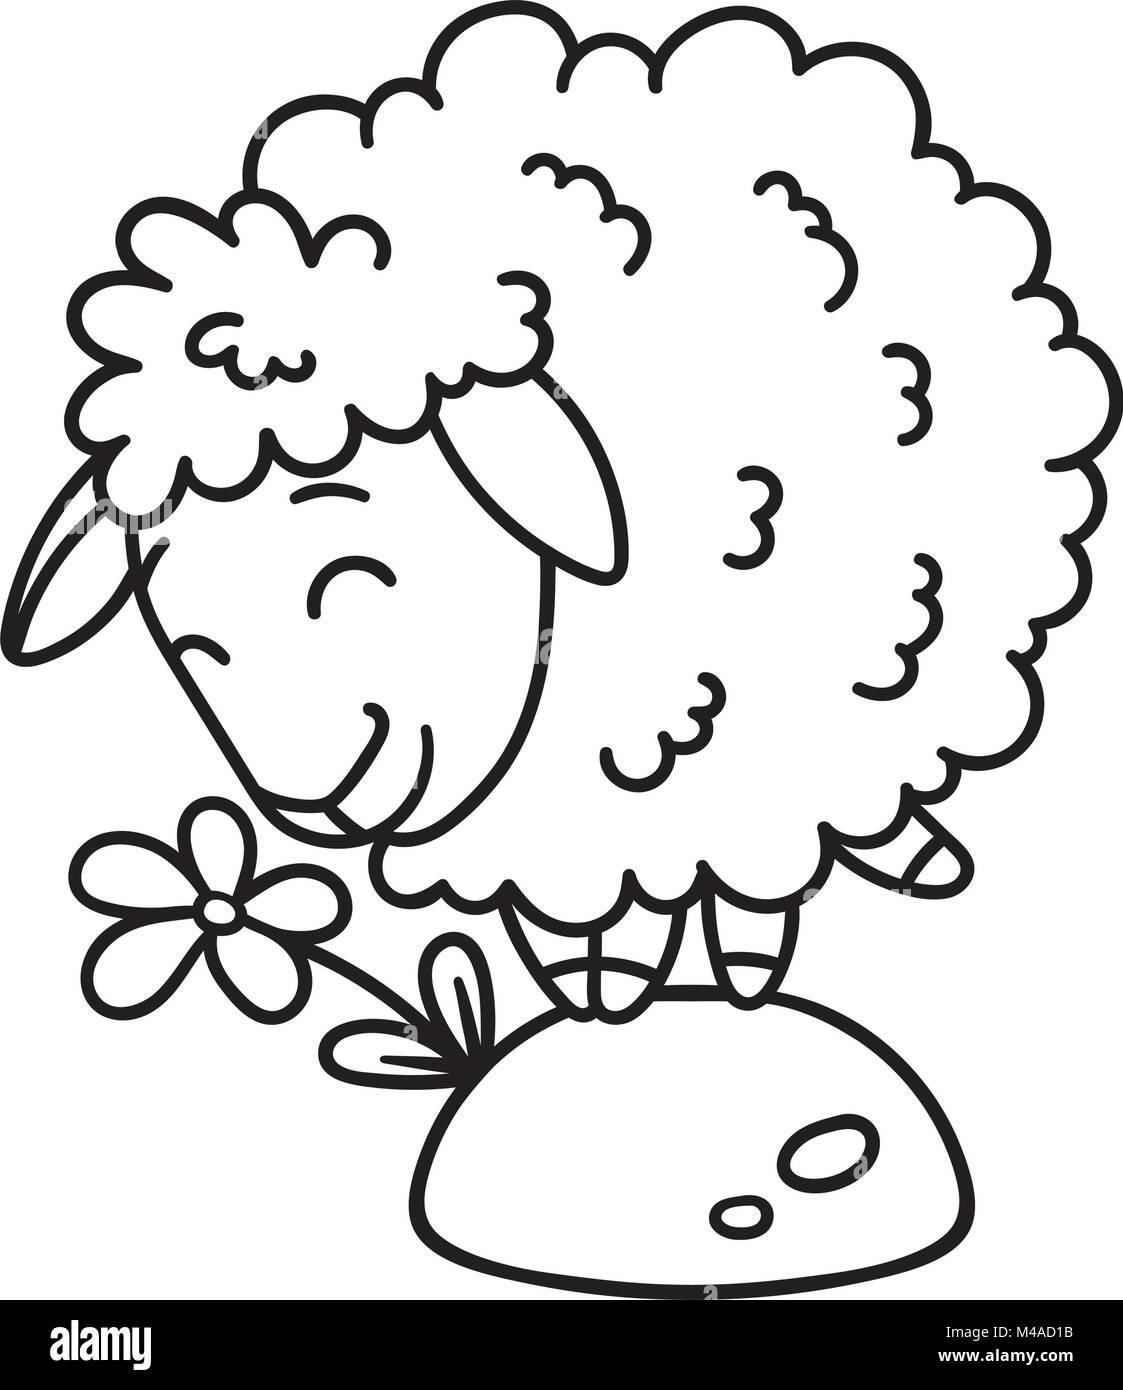 Black Sheep Drawing Imágenes De Stock & Black Sheep Drawing Fotos De ...